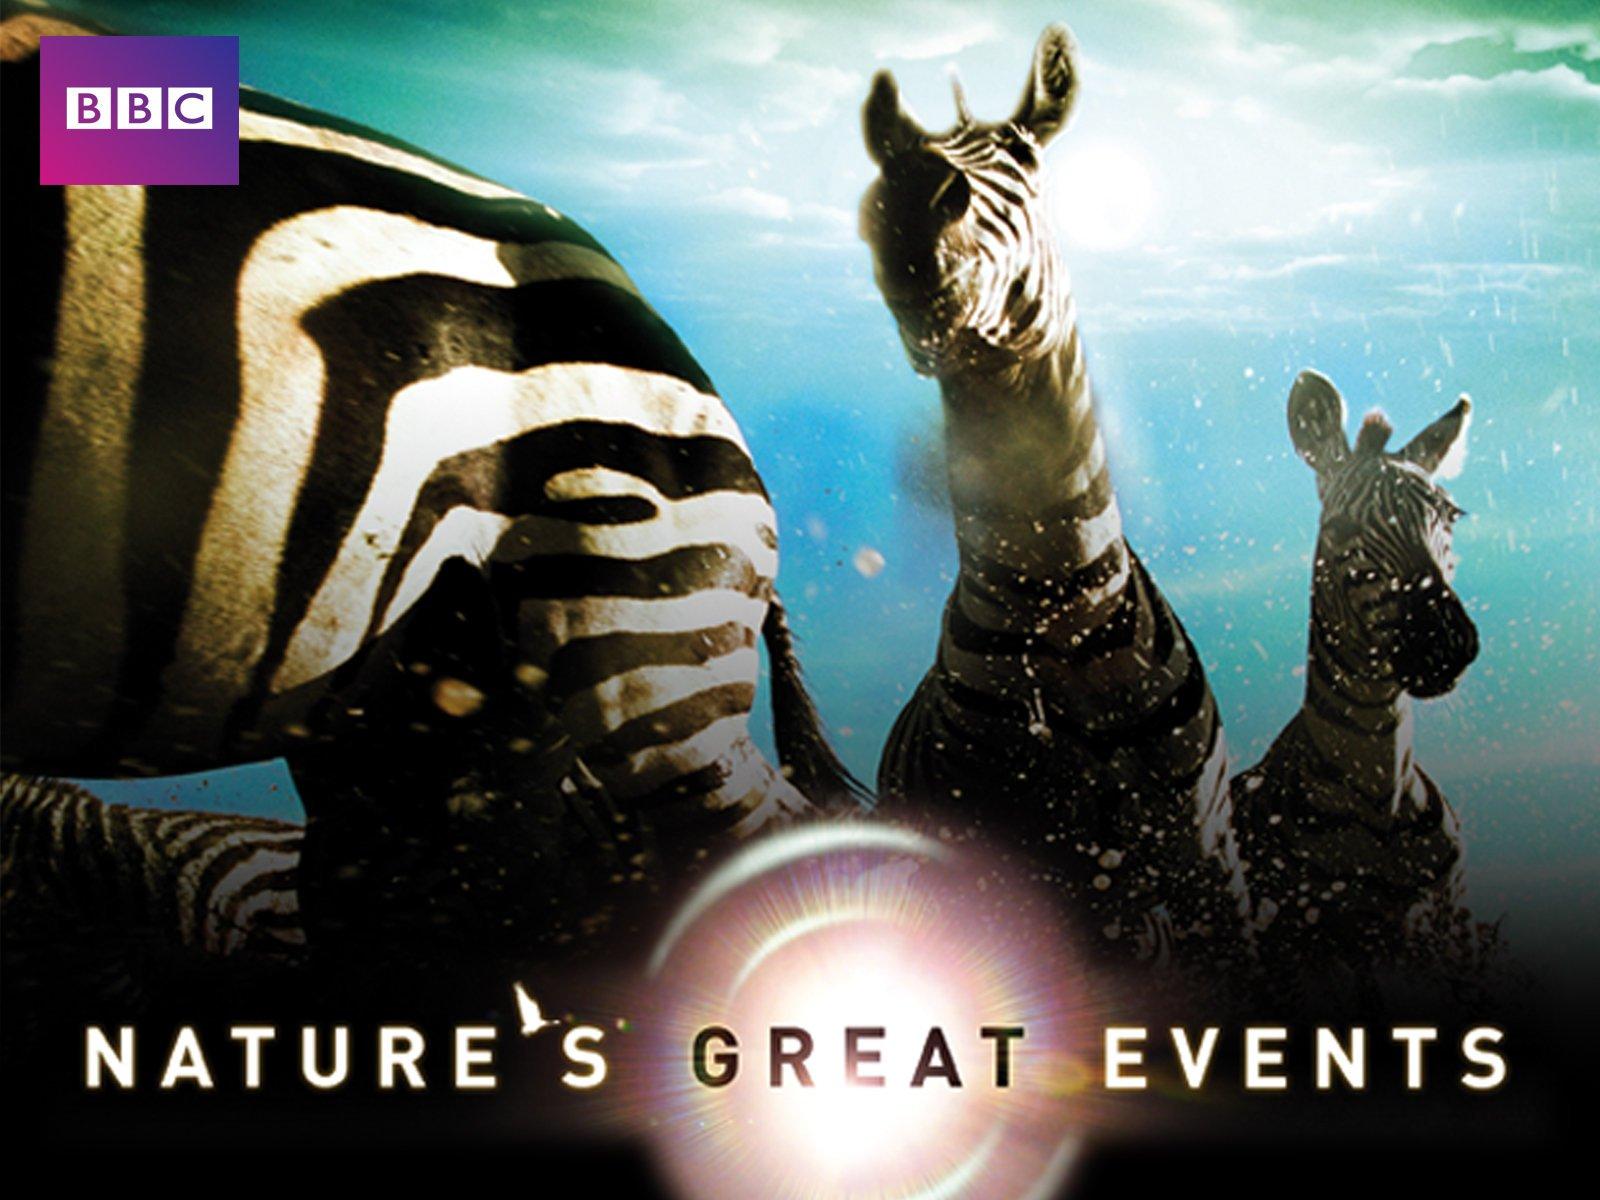 رخدادهای بزرگ طبیعت (مستند)